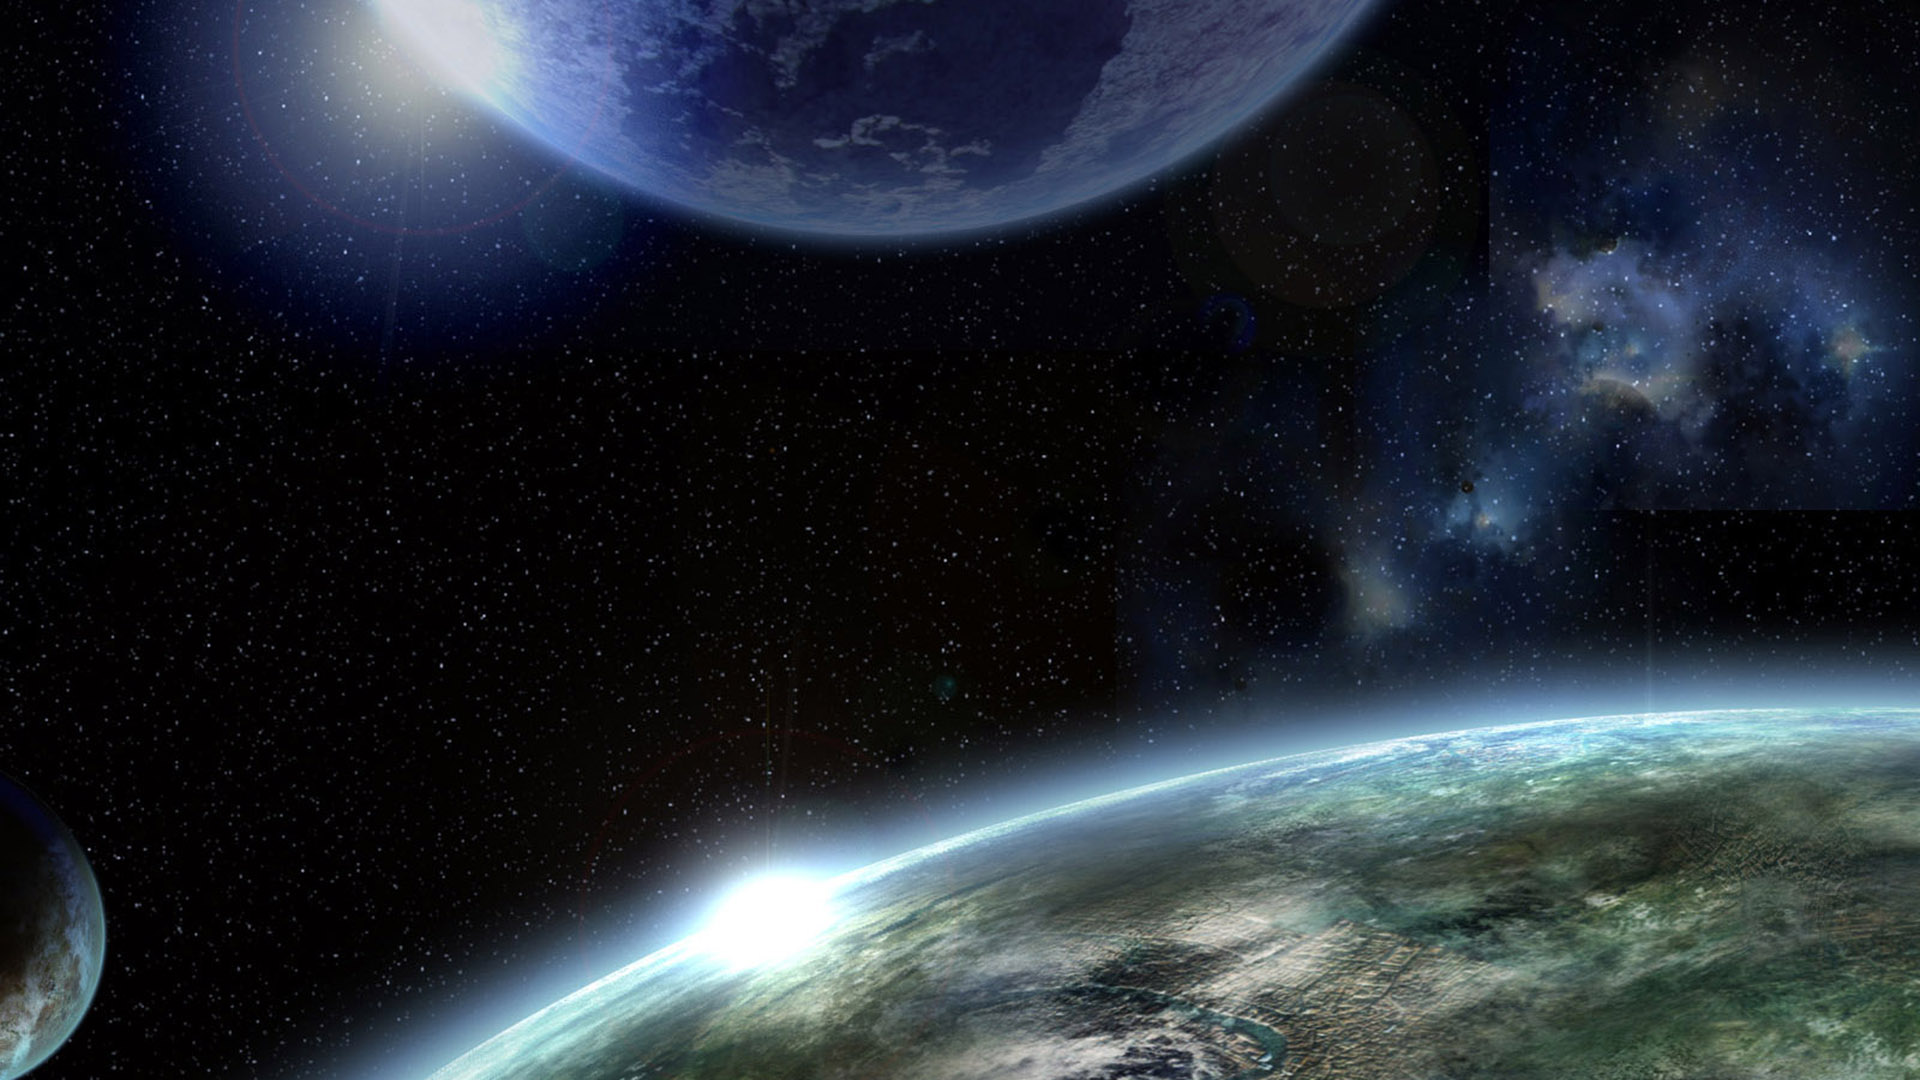 Hd Space Wallpapers 1080p - WallpaperSafari